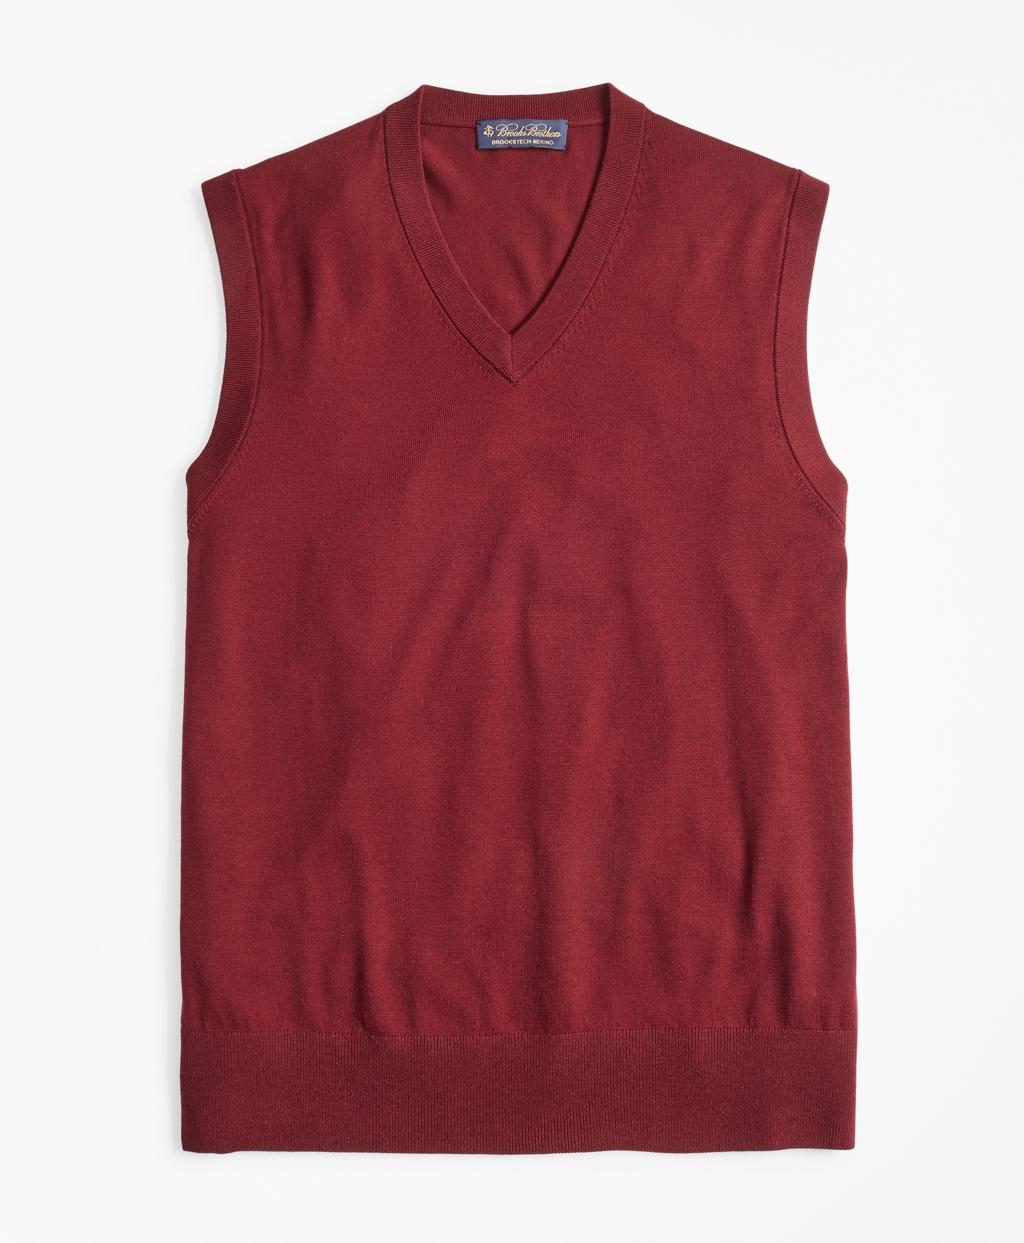 1920s Style Mens Vests Brooks Brothers Mens Brookstech Merino Wool Vest $109.00 AT vintagedancer.com